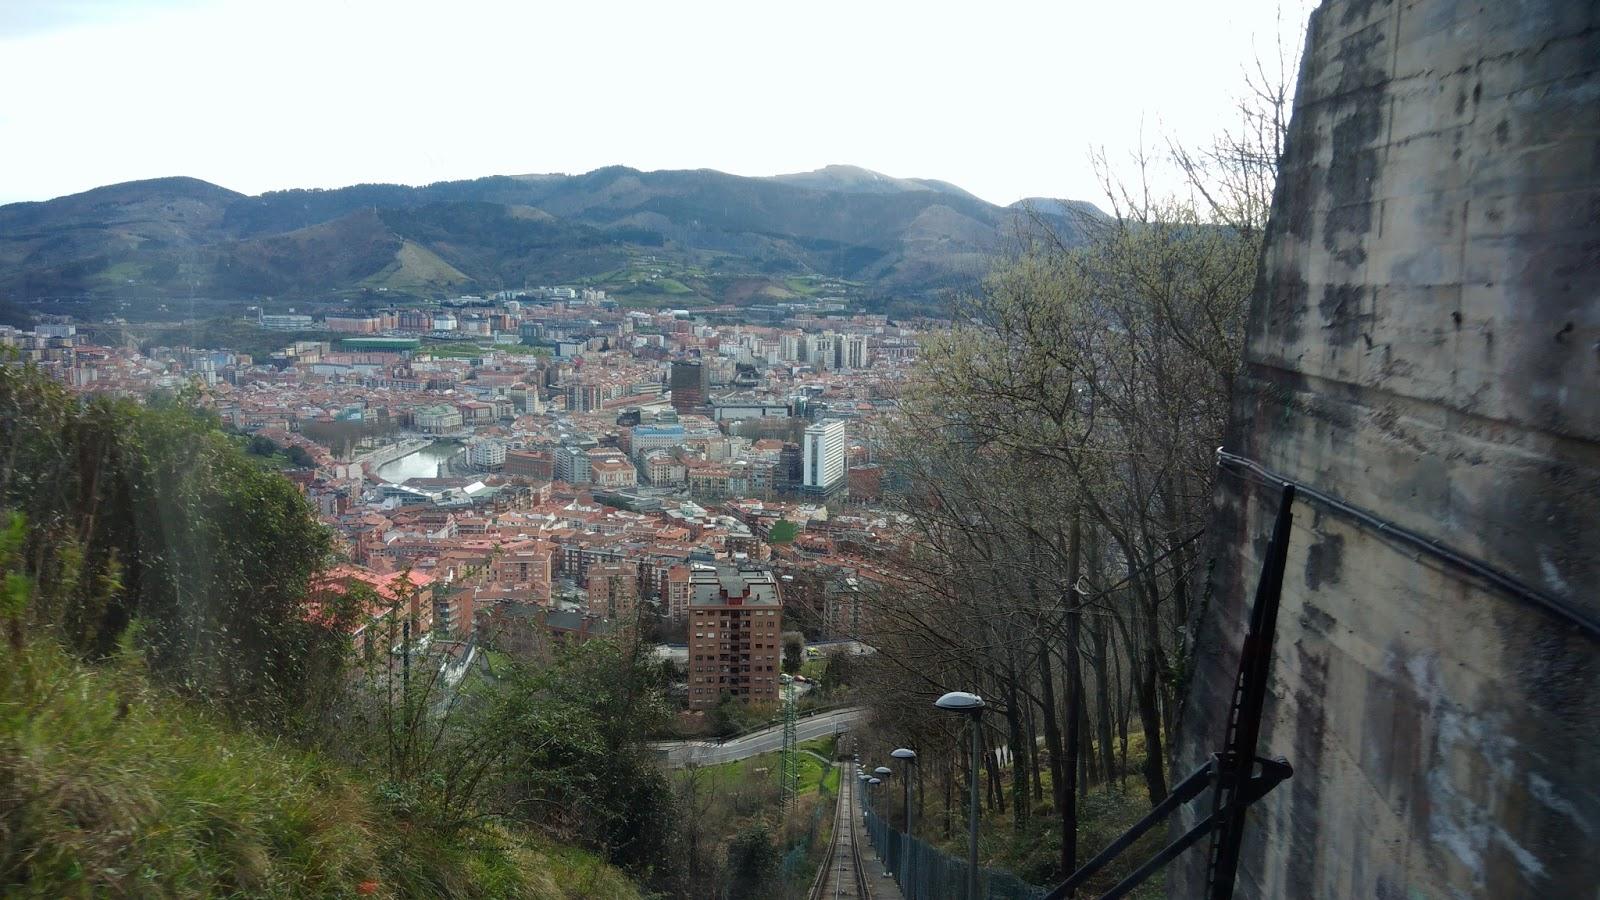 Wjazd na punkt widokowy w Bilbao